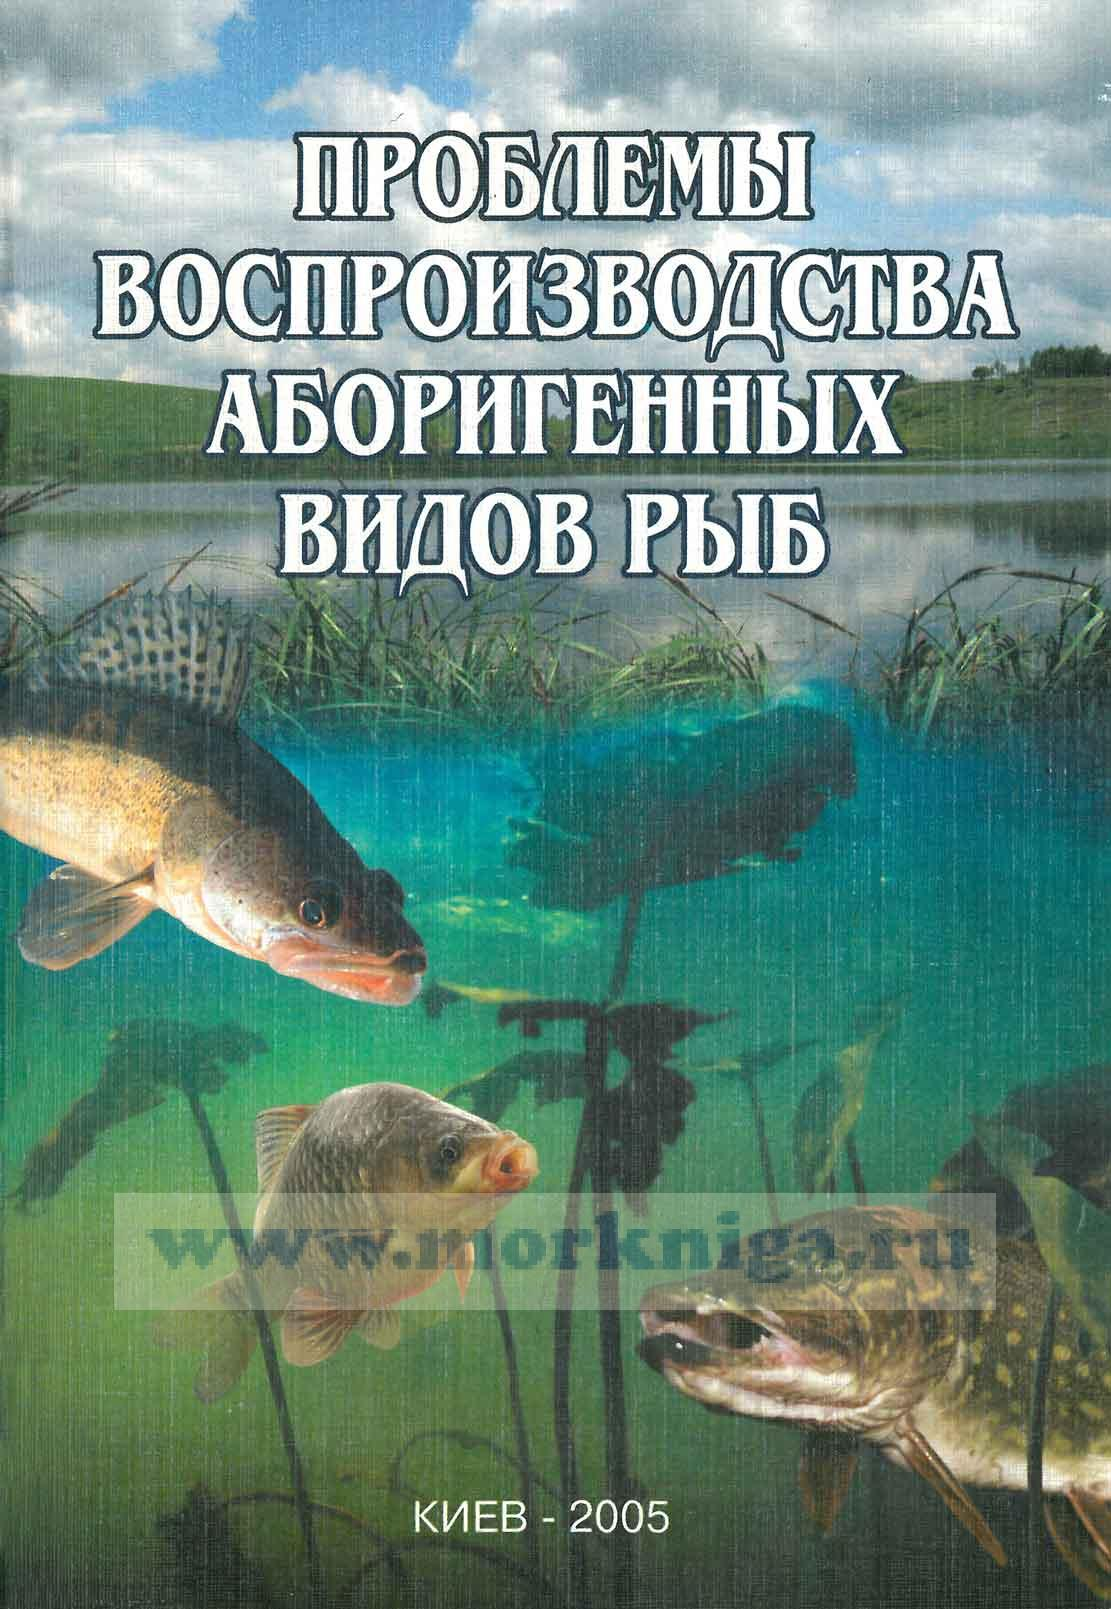 Проблемы воспроизводства аборигенных видов рыб